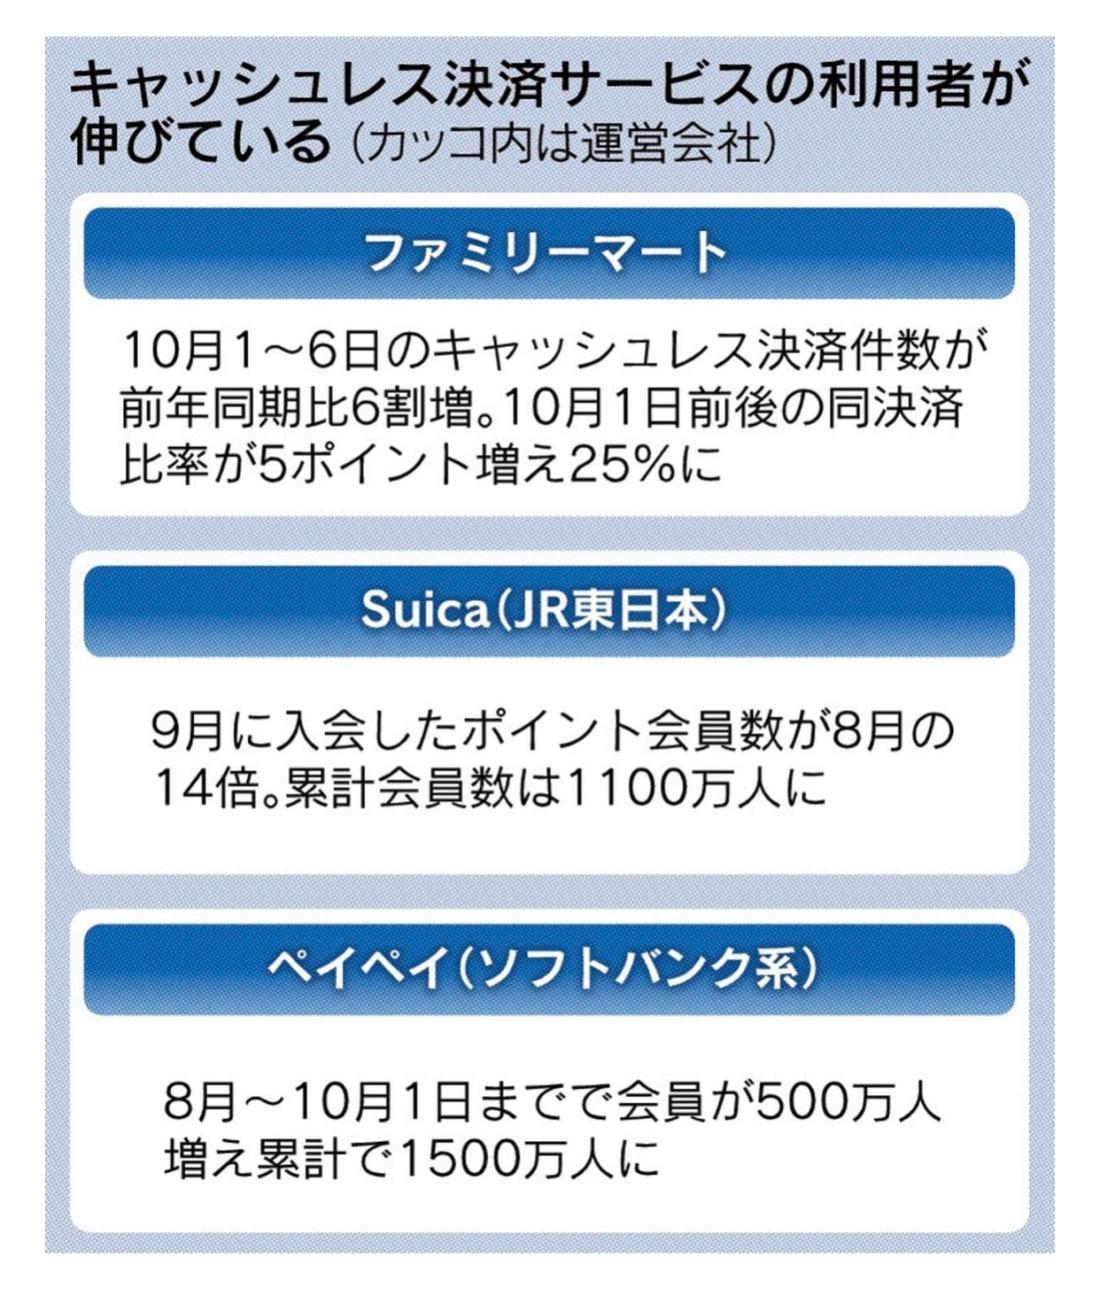 52B1FB04-9C04-4F5D-8154-9B3D3BFF999D.jpeg